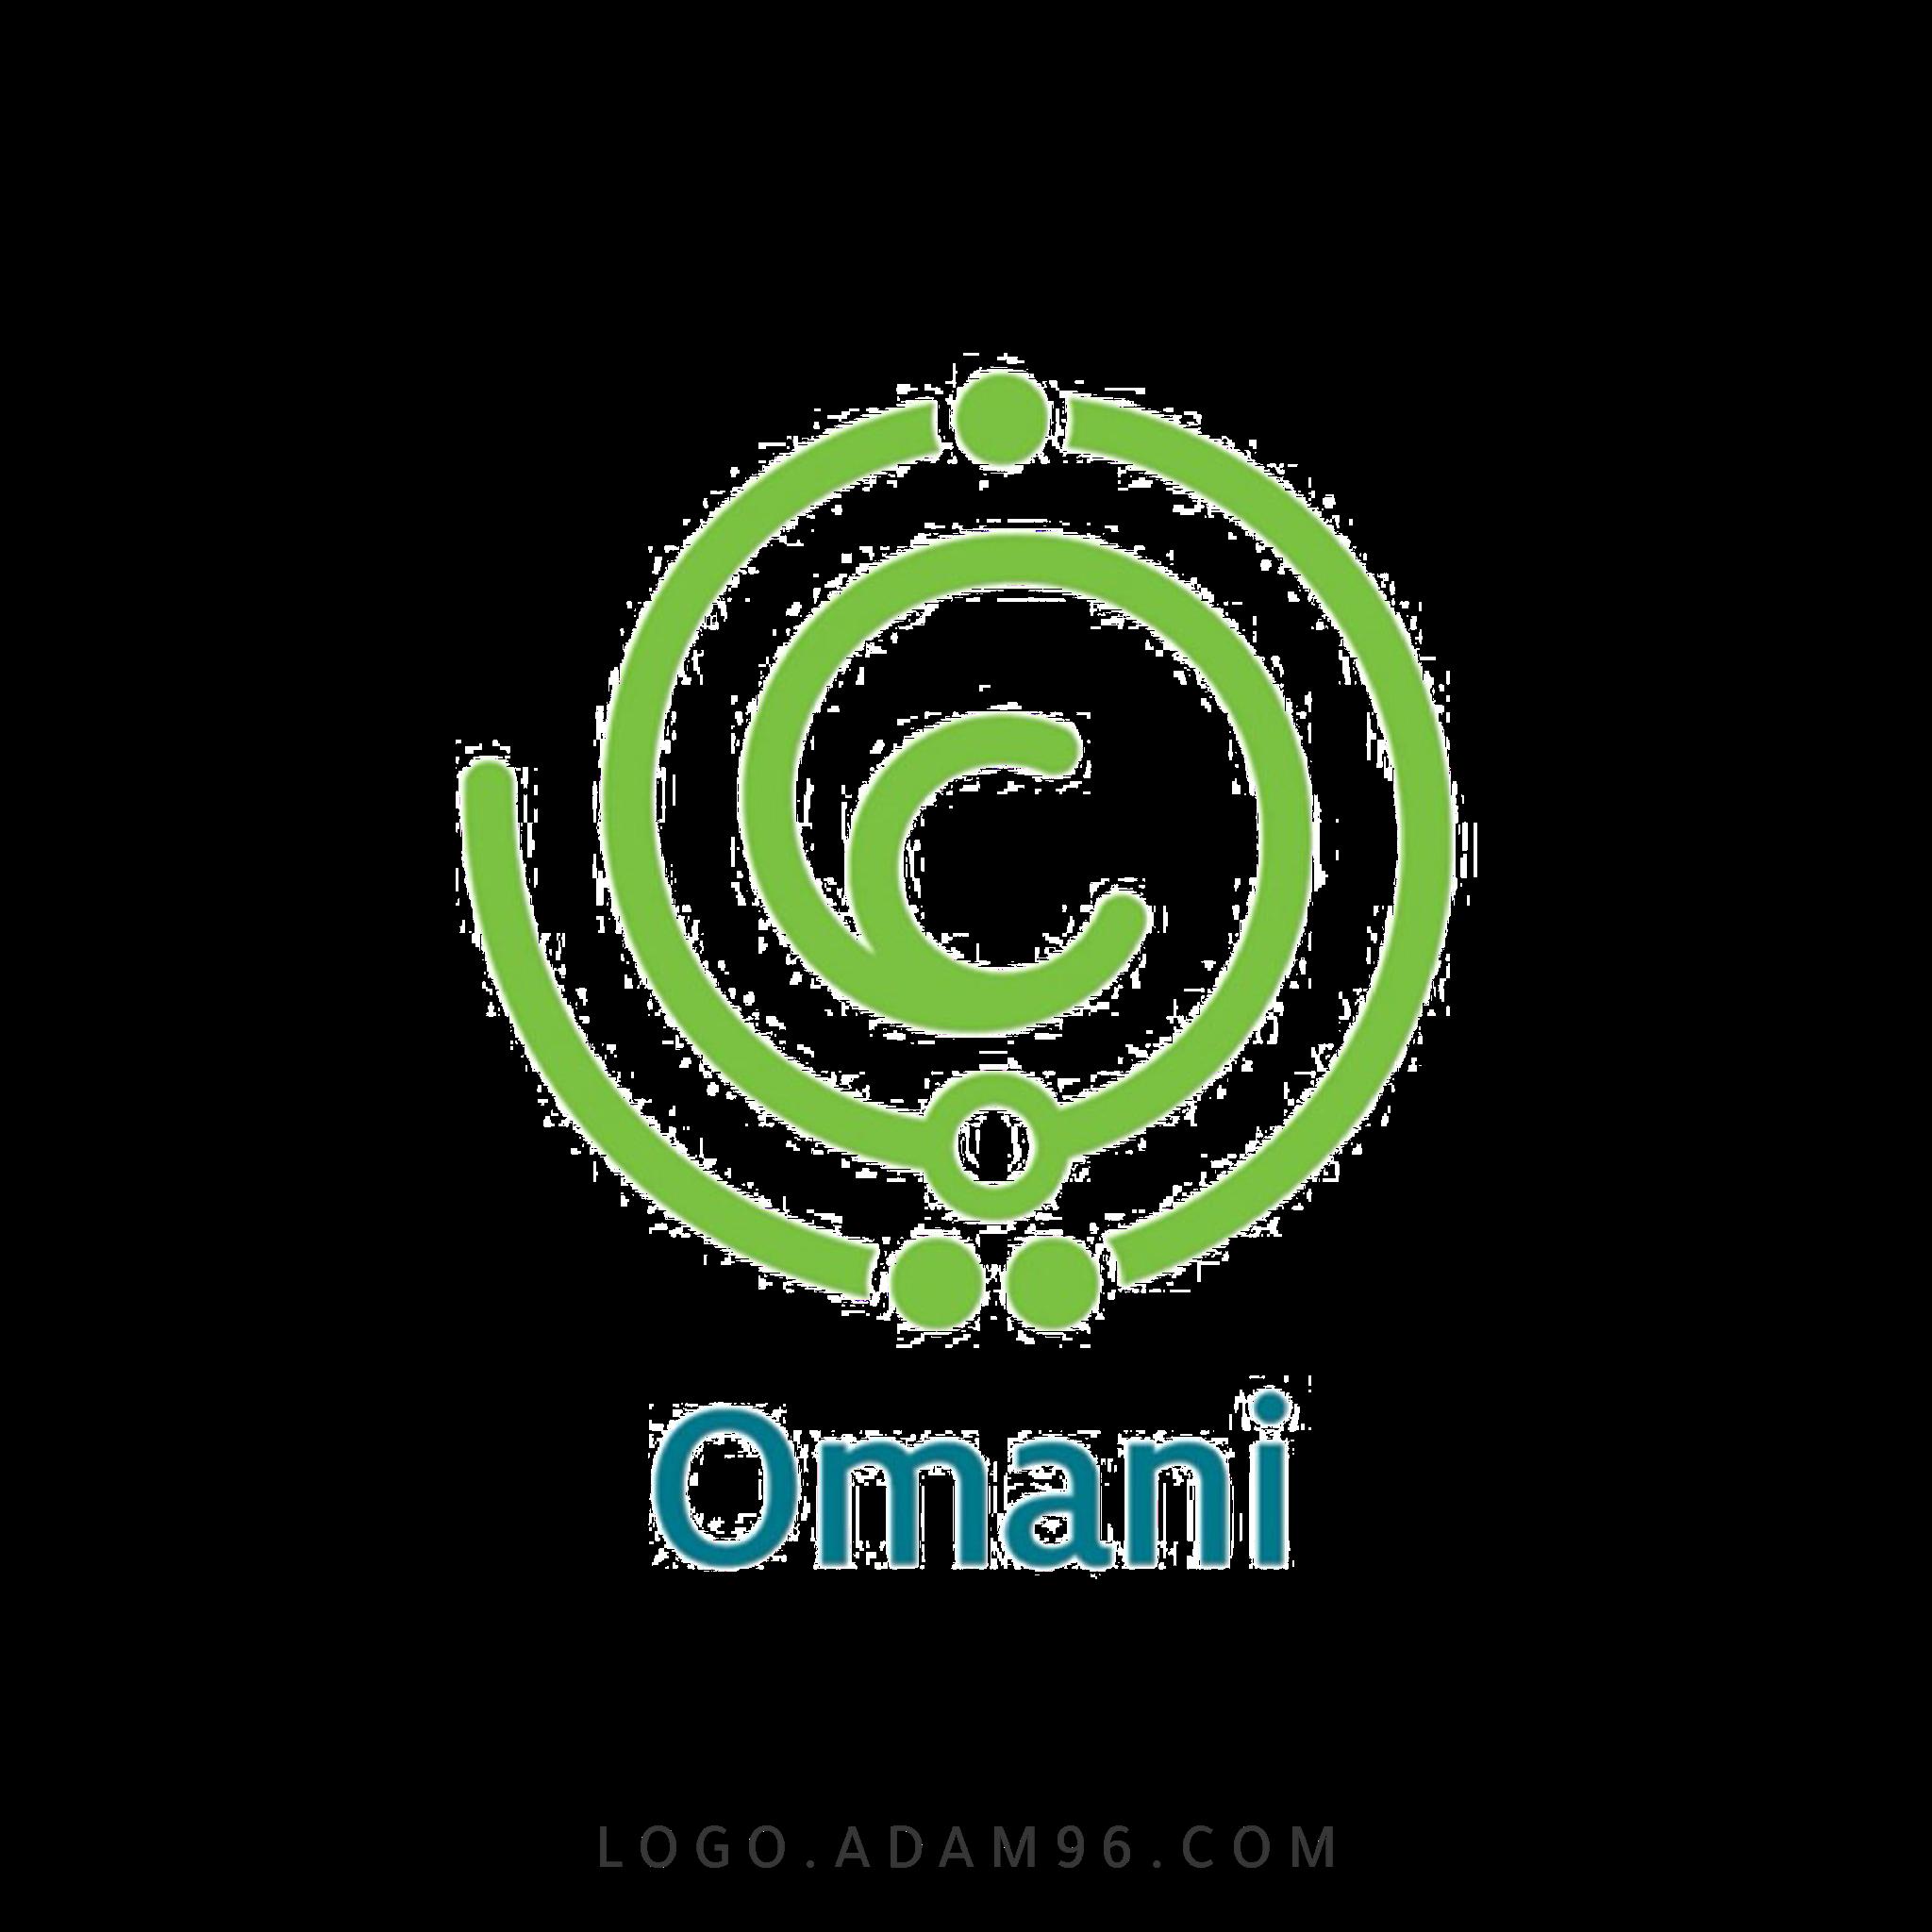 تحميل شعار صنع في عُمان علامة الجودة لوجو بصيغة شفافة PNG